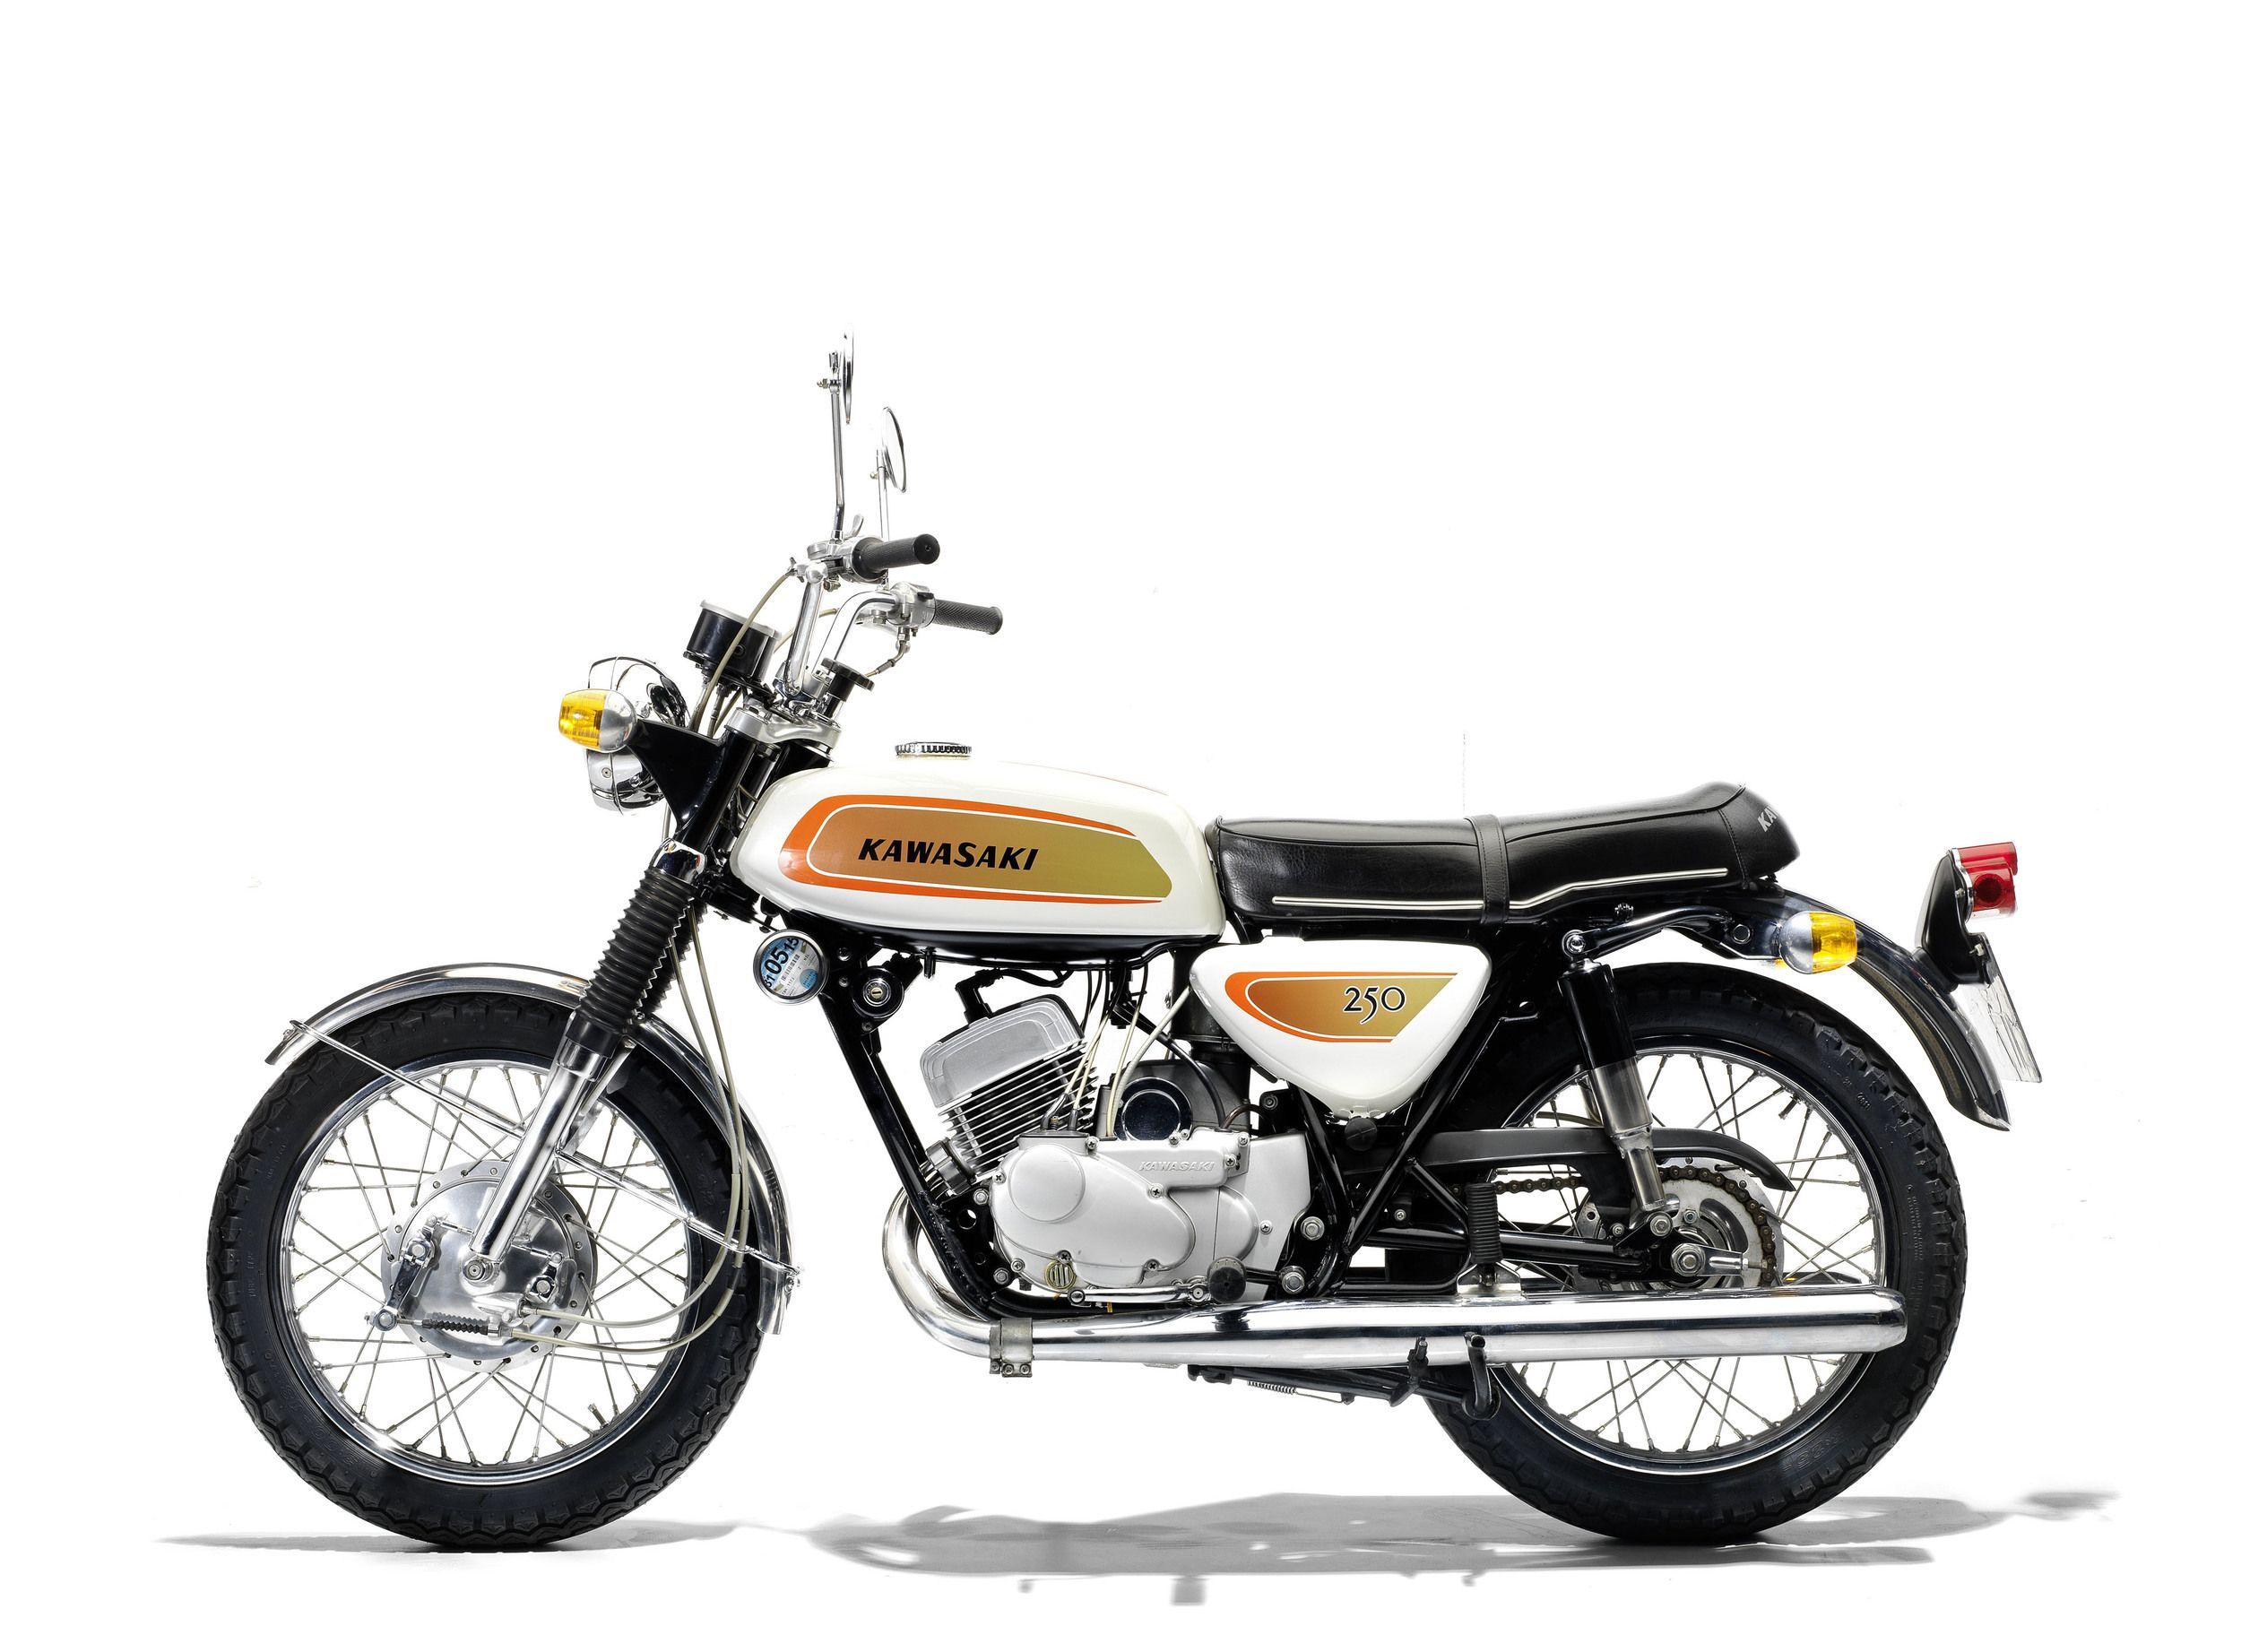 Kawasaki 250cc A1 Samurai